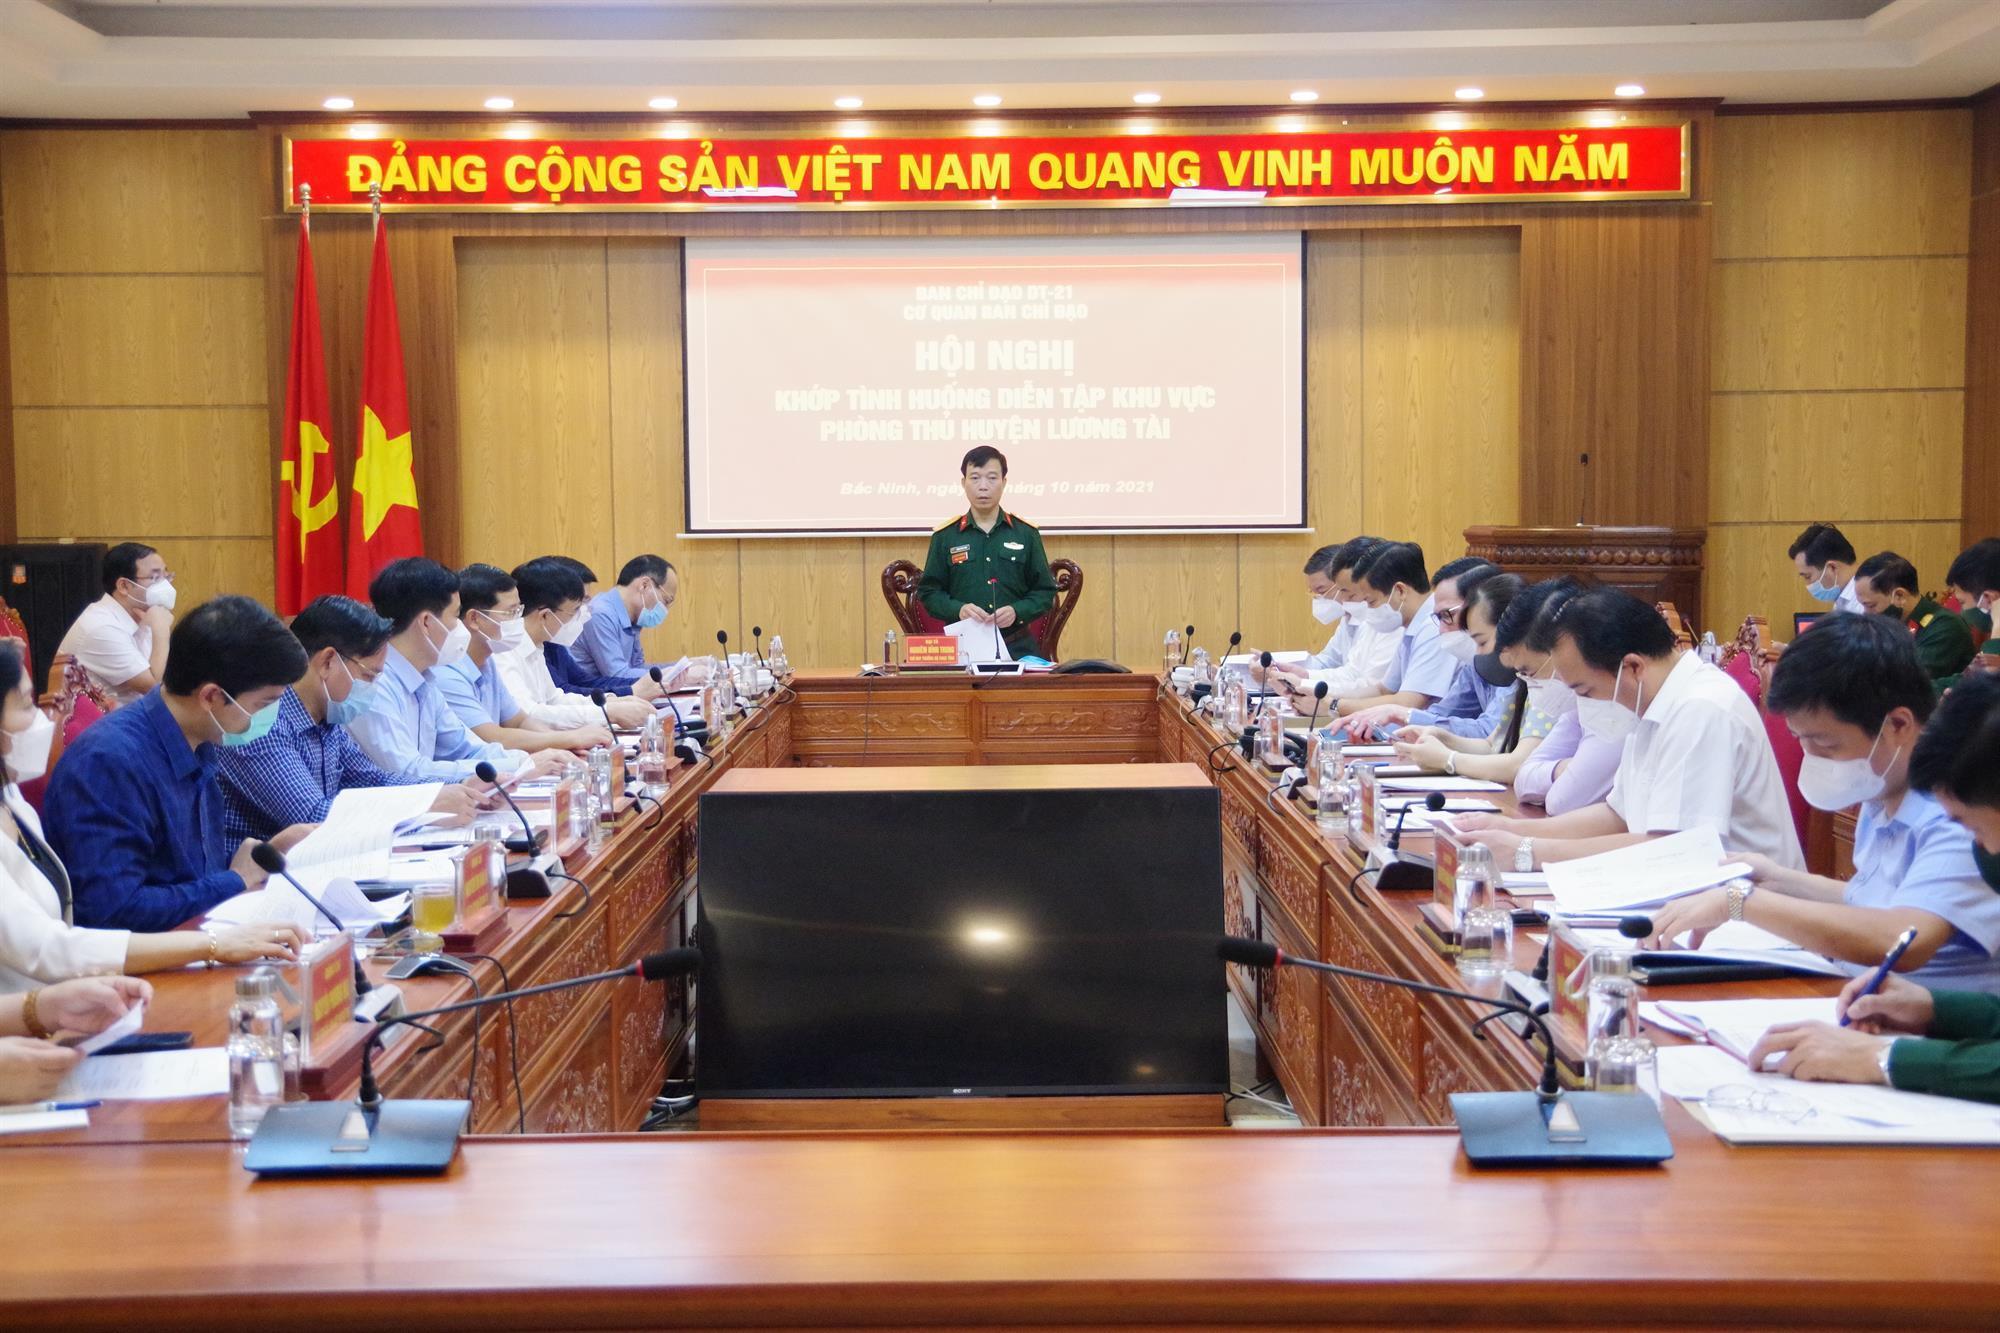 BCĐ diễn tập tỉnh tổ chức Hội nghị khớp tình huống diễn tập Khu vực phòng thủ huyện Lương Tài năm 2021